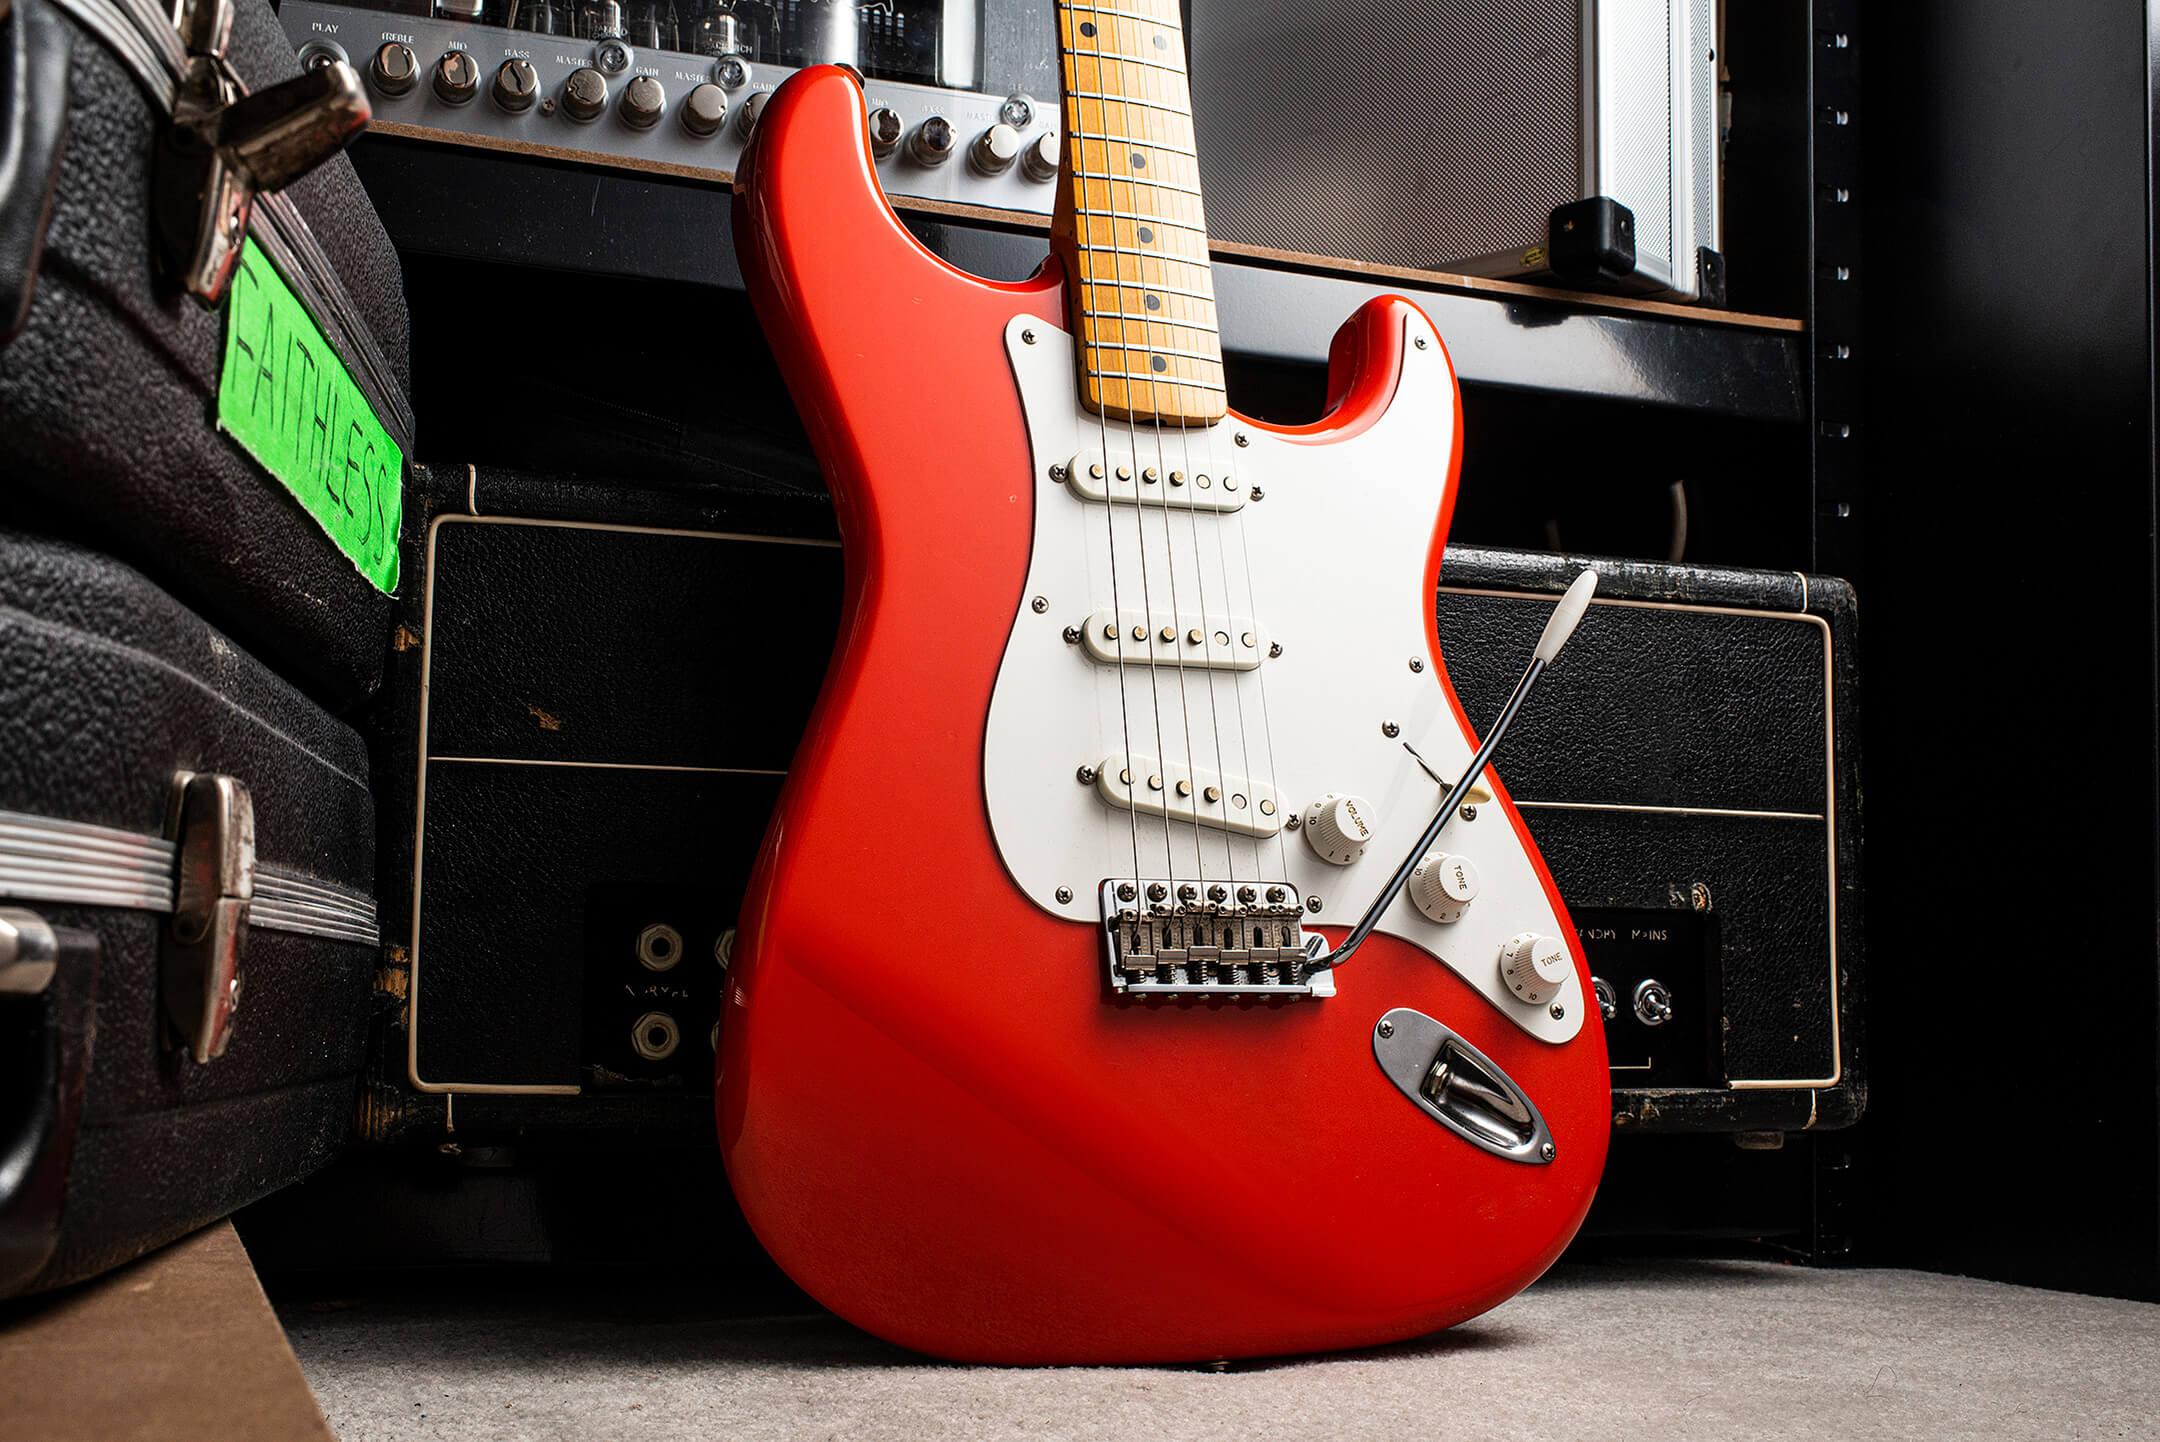 Peredur ap Gwynedd's Stratocaster